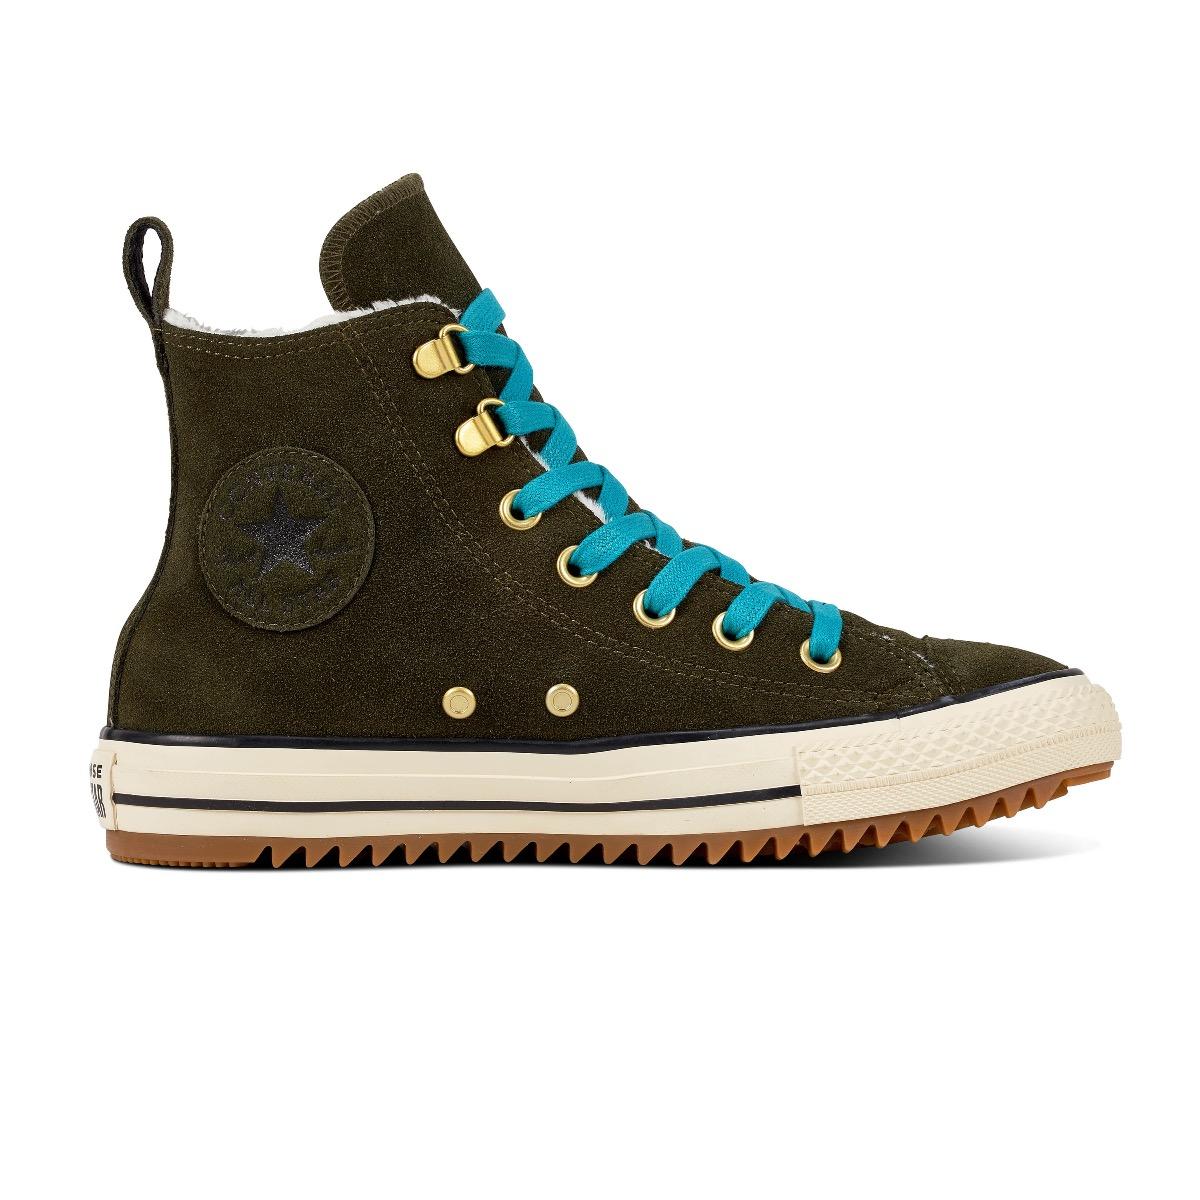 Converse All Stars Hiker Boot 162478C Groen